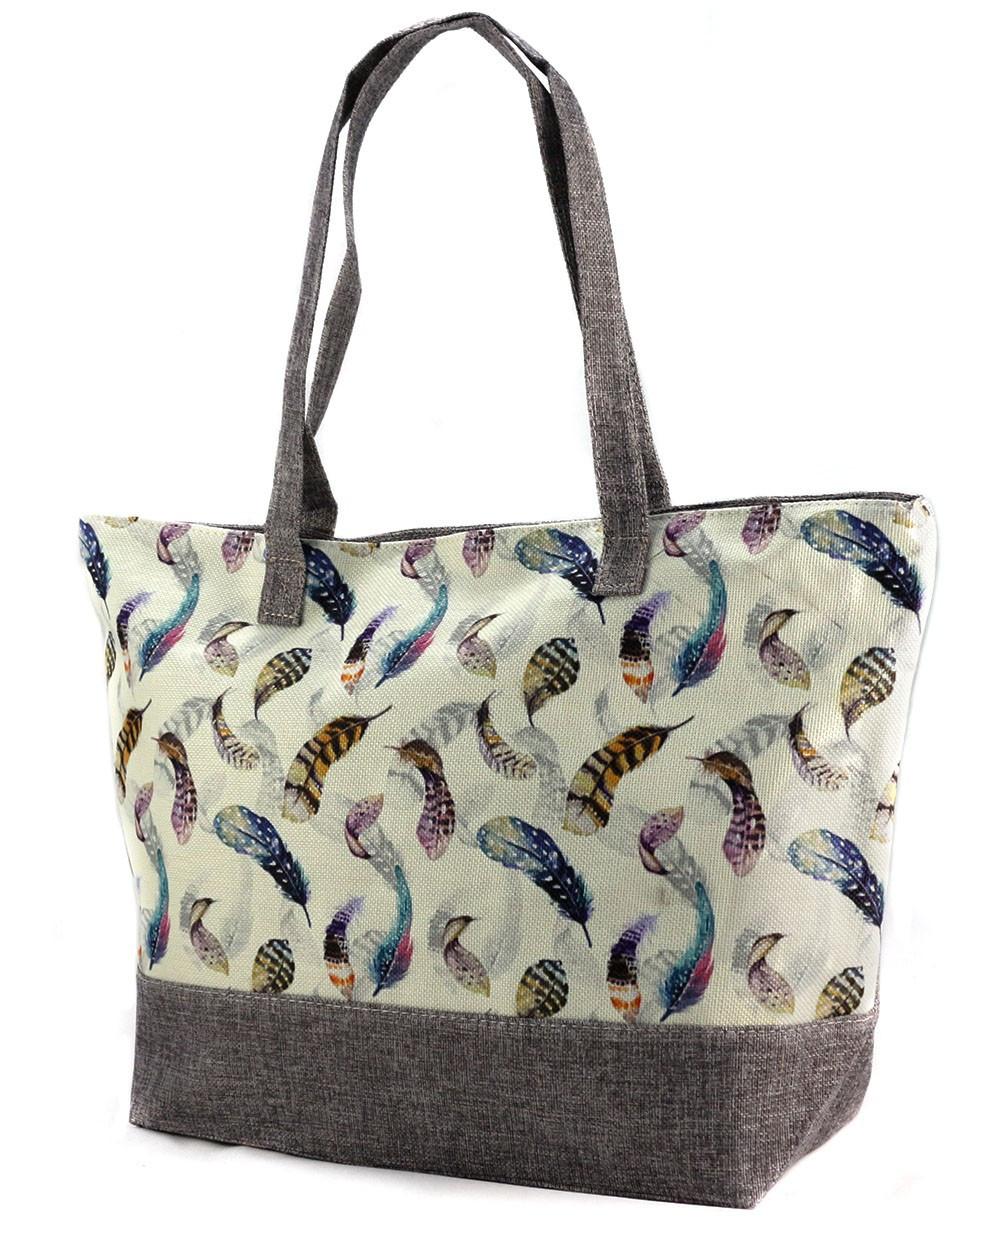 003386a806b7 Летняя тканевая сумка с принтом 99-6-2 - Arion-store - кожгалантерея